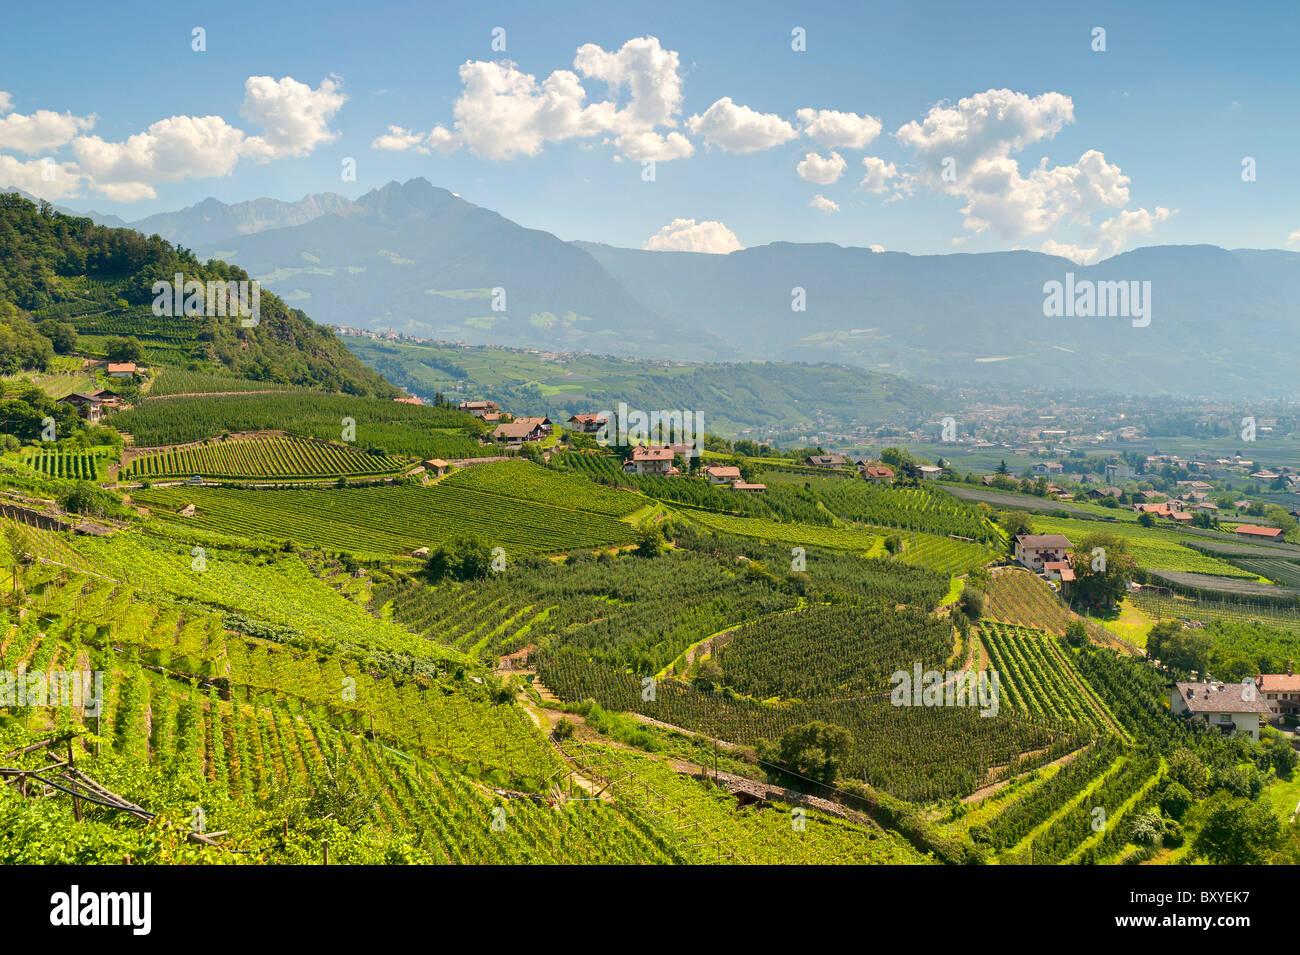 Val Venosta vigneti Trentino Alto Adige Merano Italia Immagini Stock